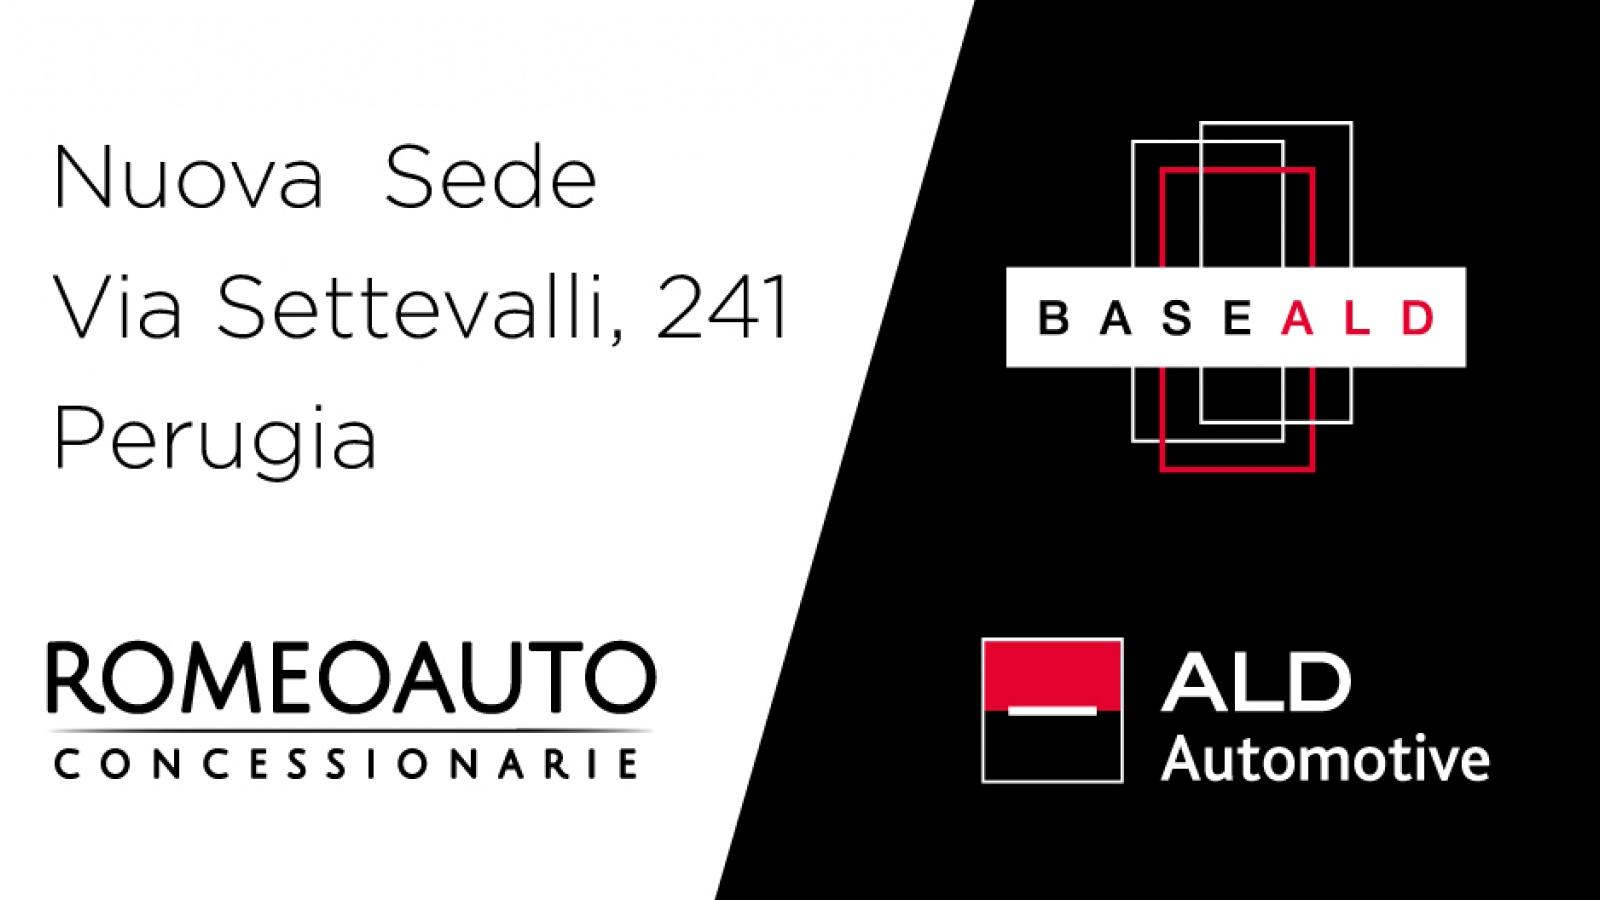 Noleggio Lungo Termine: Romeoauto BASE ALD AUTOMOTIVE per l'Umbria